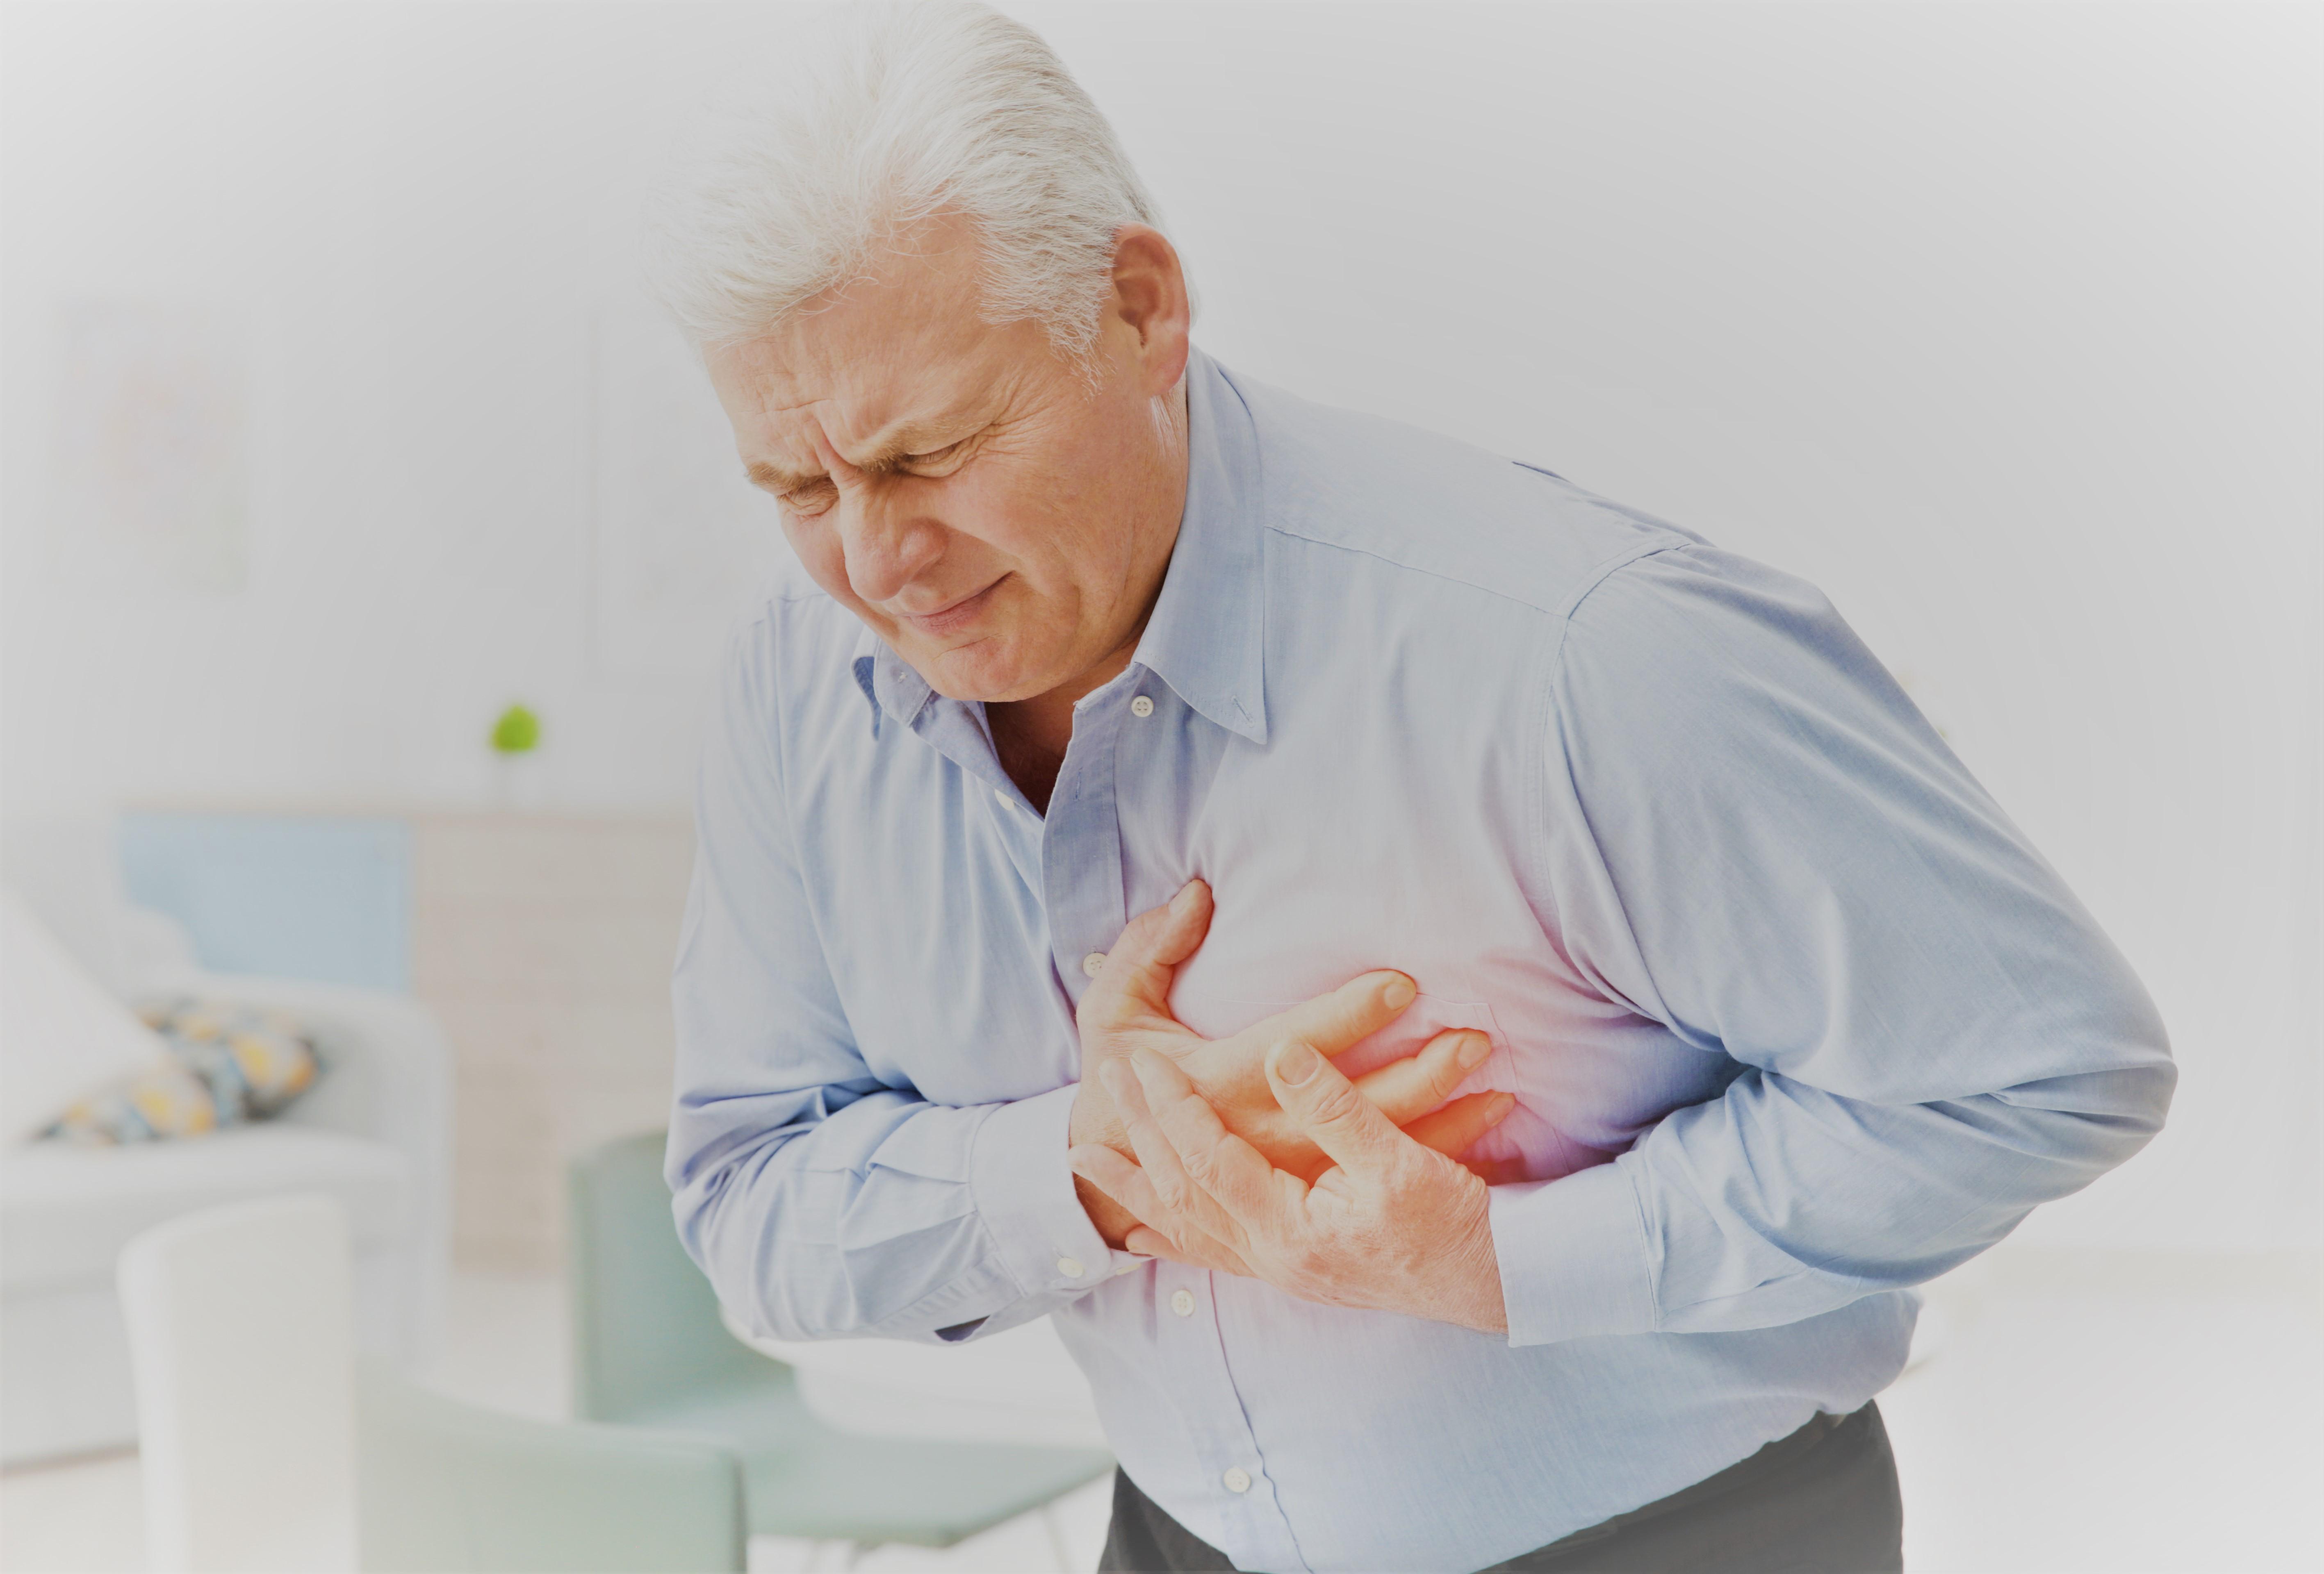 izomfájdalom vállízületek kezelése)